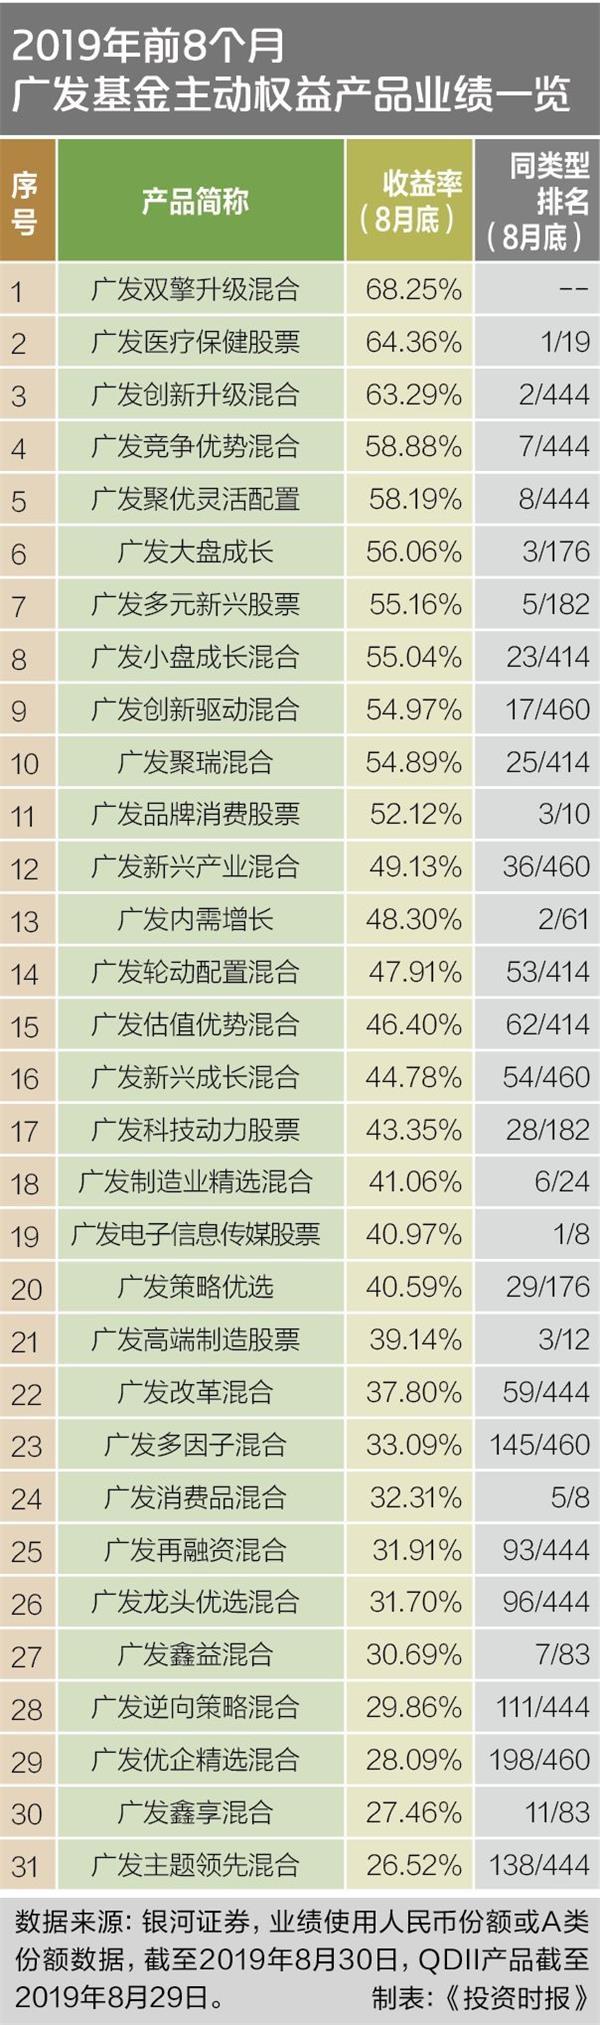 广发基金33只产品跻身同类前10 冠军基金经理选股